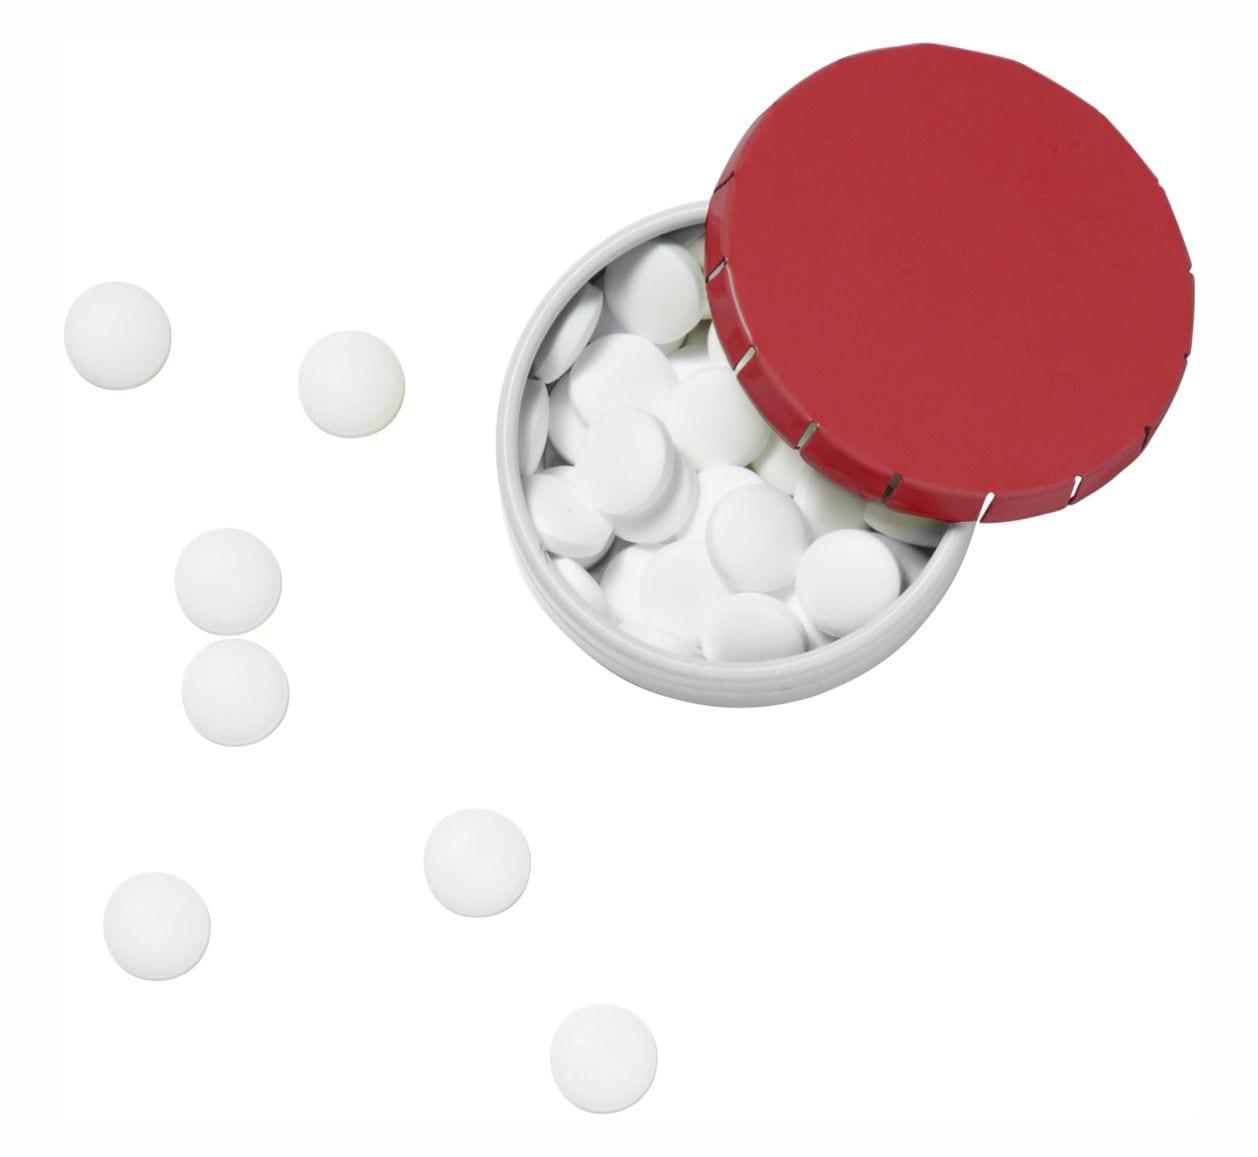 Cajita clic clac con caramelos Publicitarios Roja